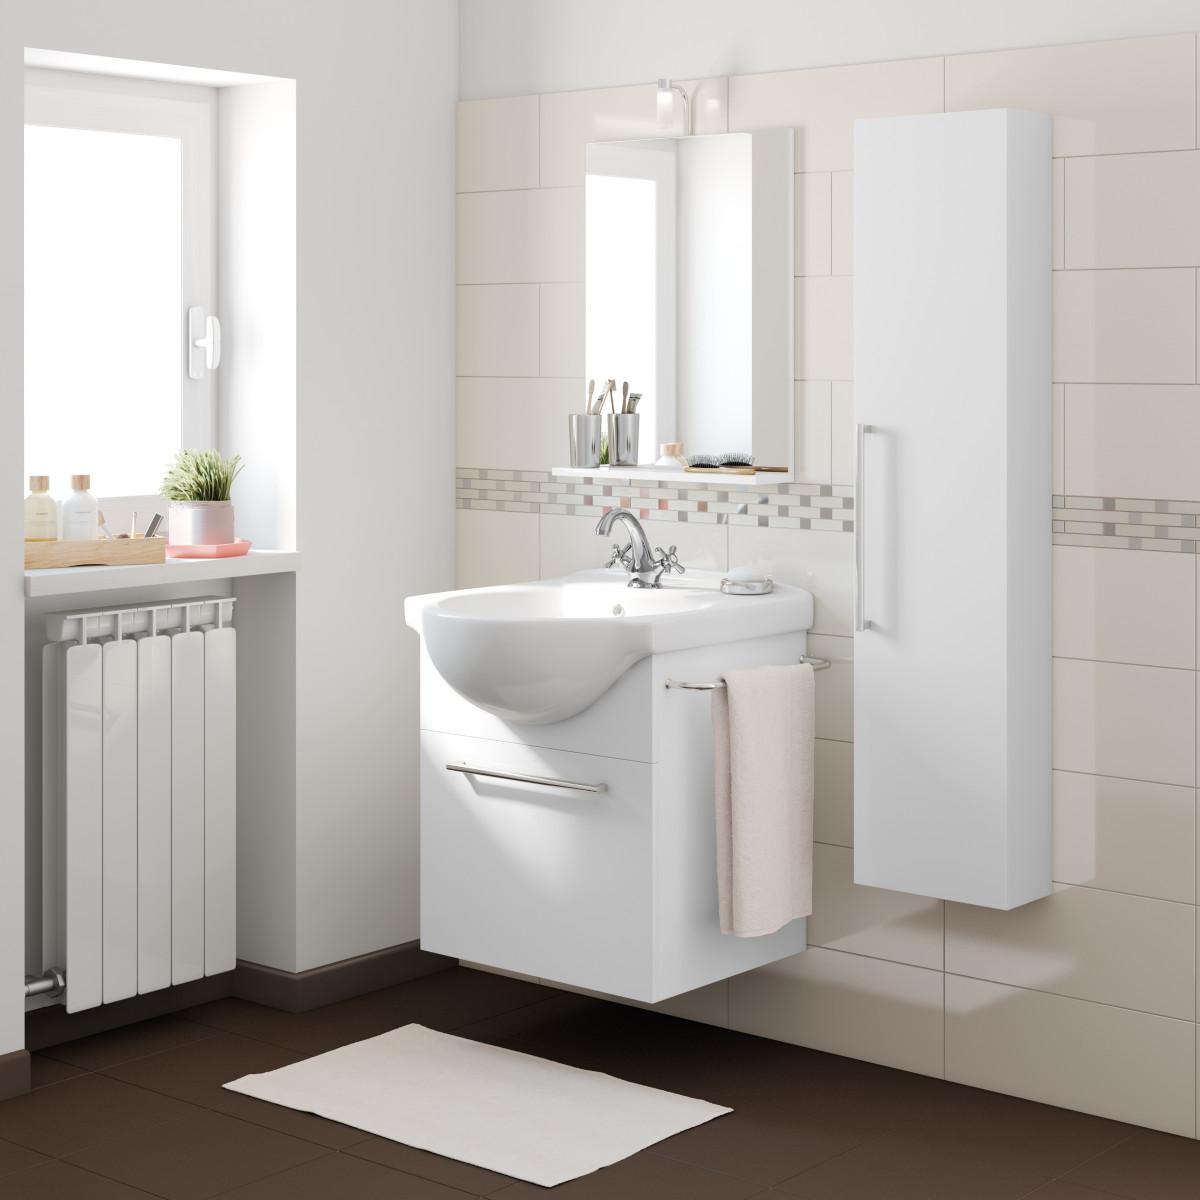 Specchio bagno mensola e luce 450mm prezzo e offerte for Mobile bagno doppio lavabo leroy merlin